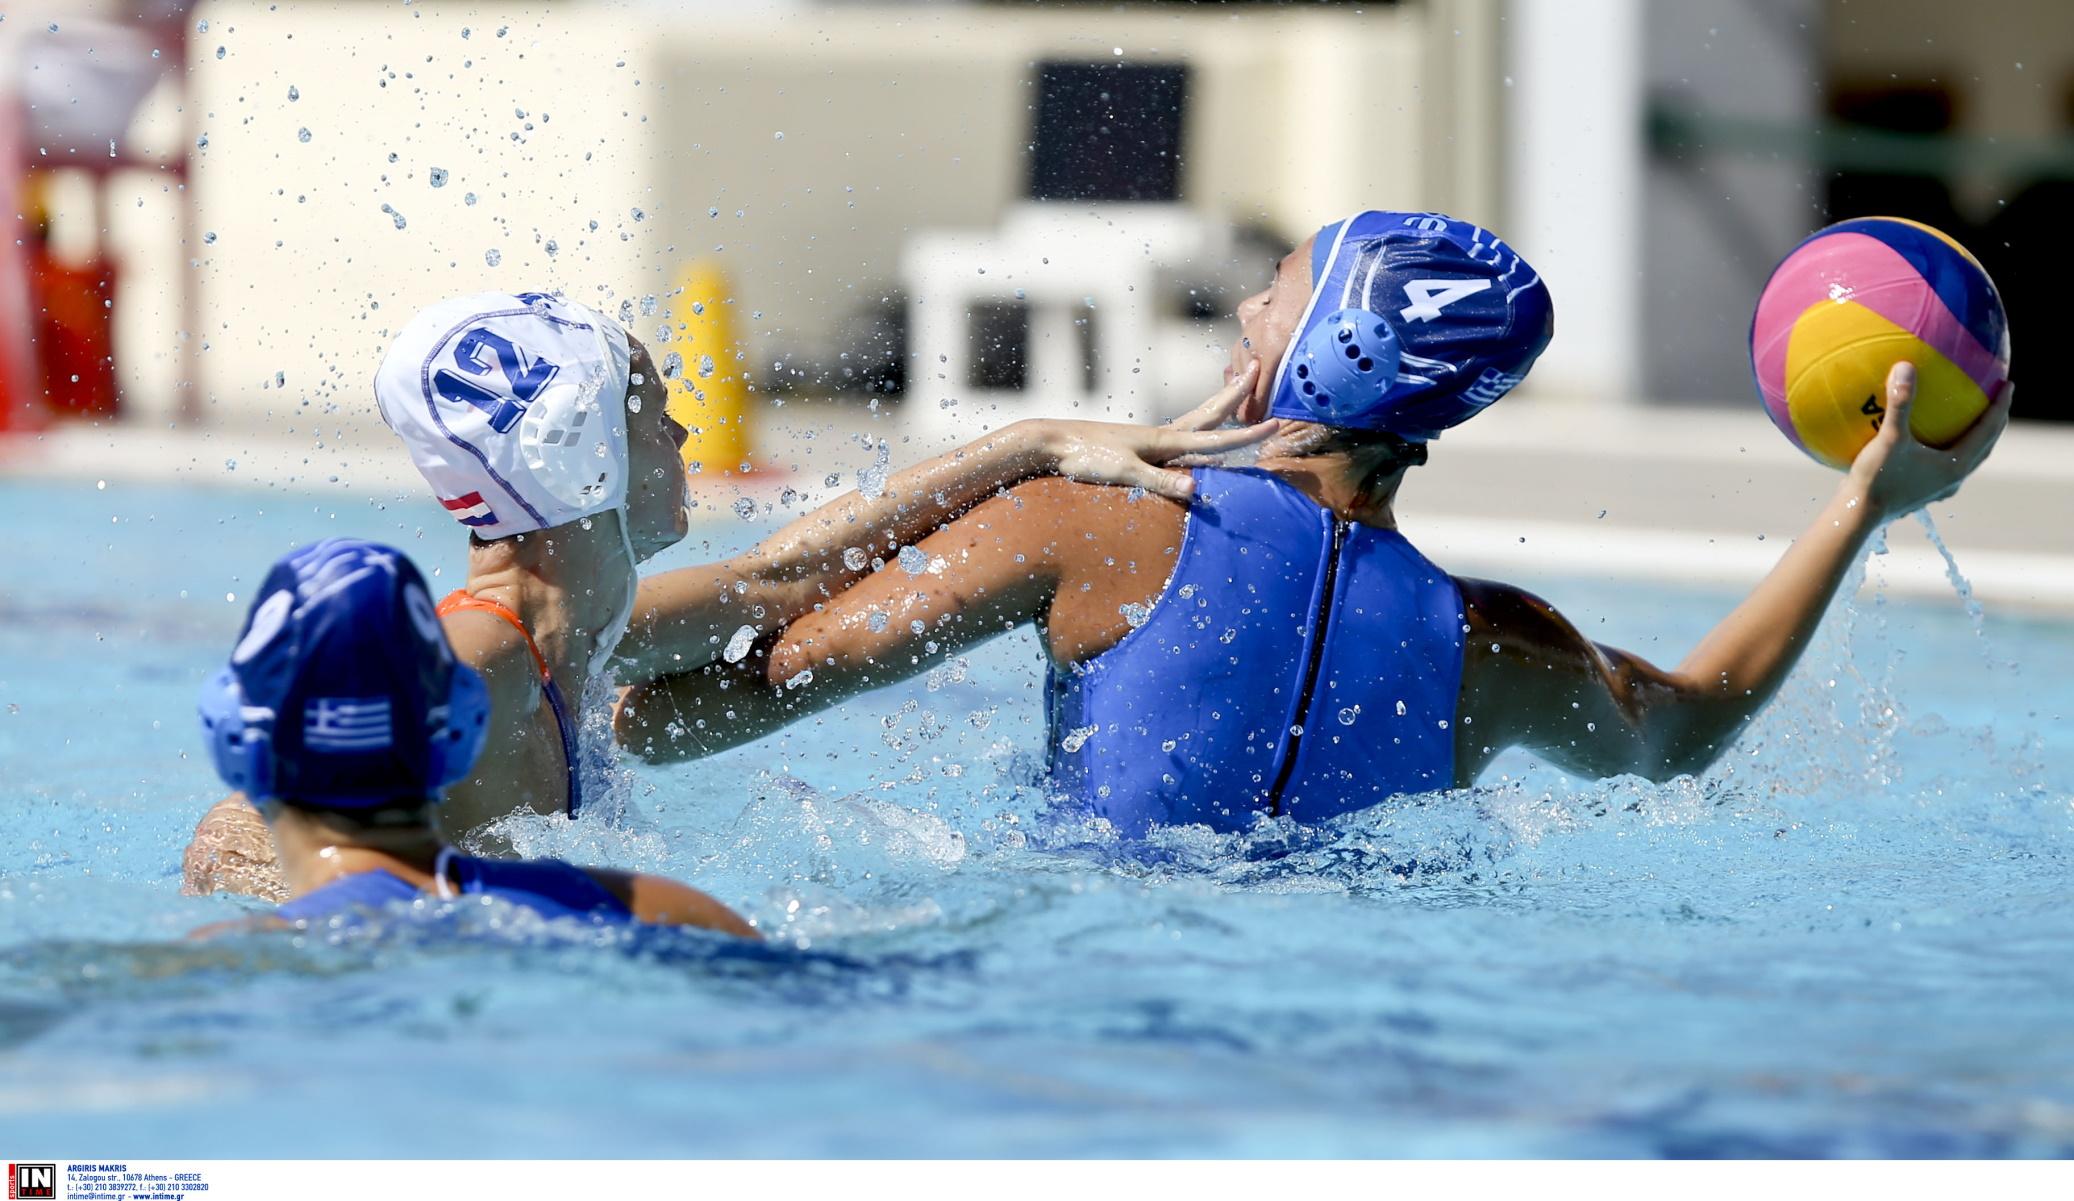 «Σόναρ» για κολυμβητές με οπτική αναπηρία – Ειδικό  σκουφάκι με γυαλάκια για βουτιές σε πισίνα